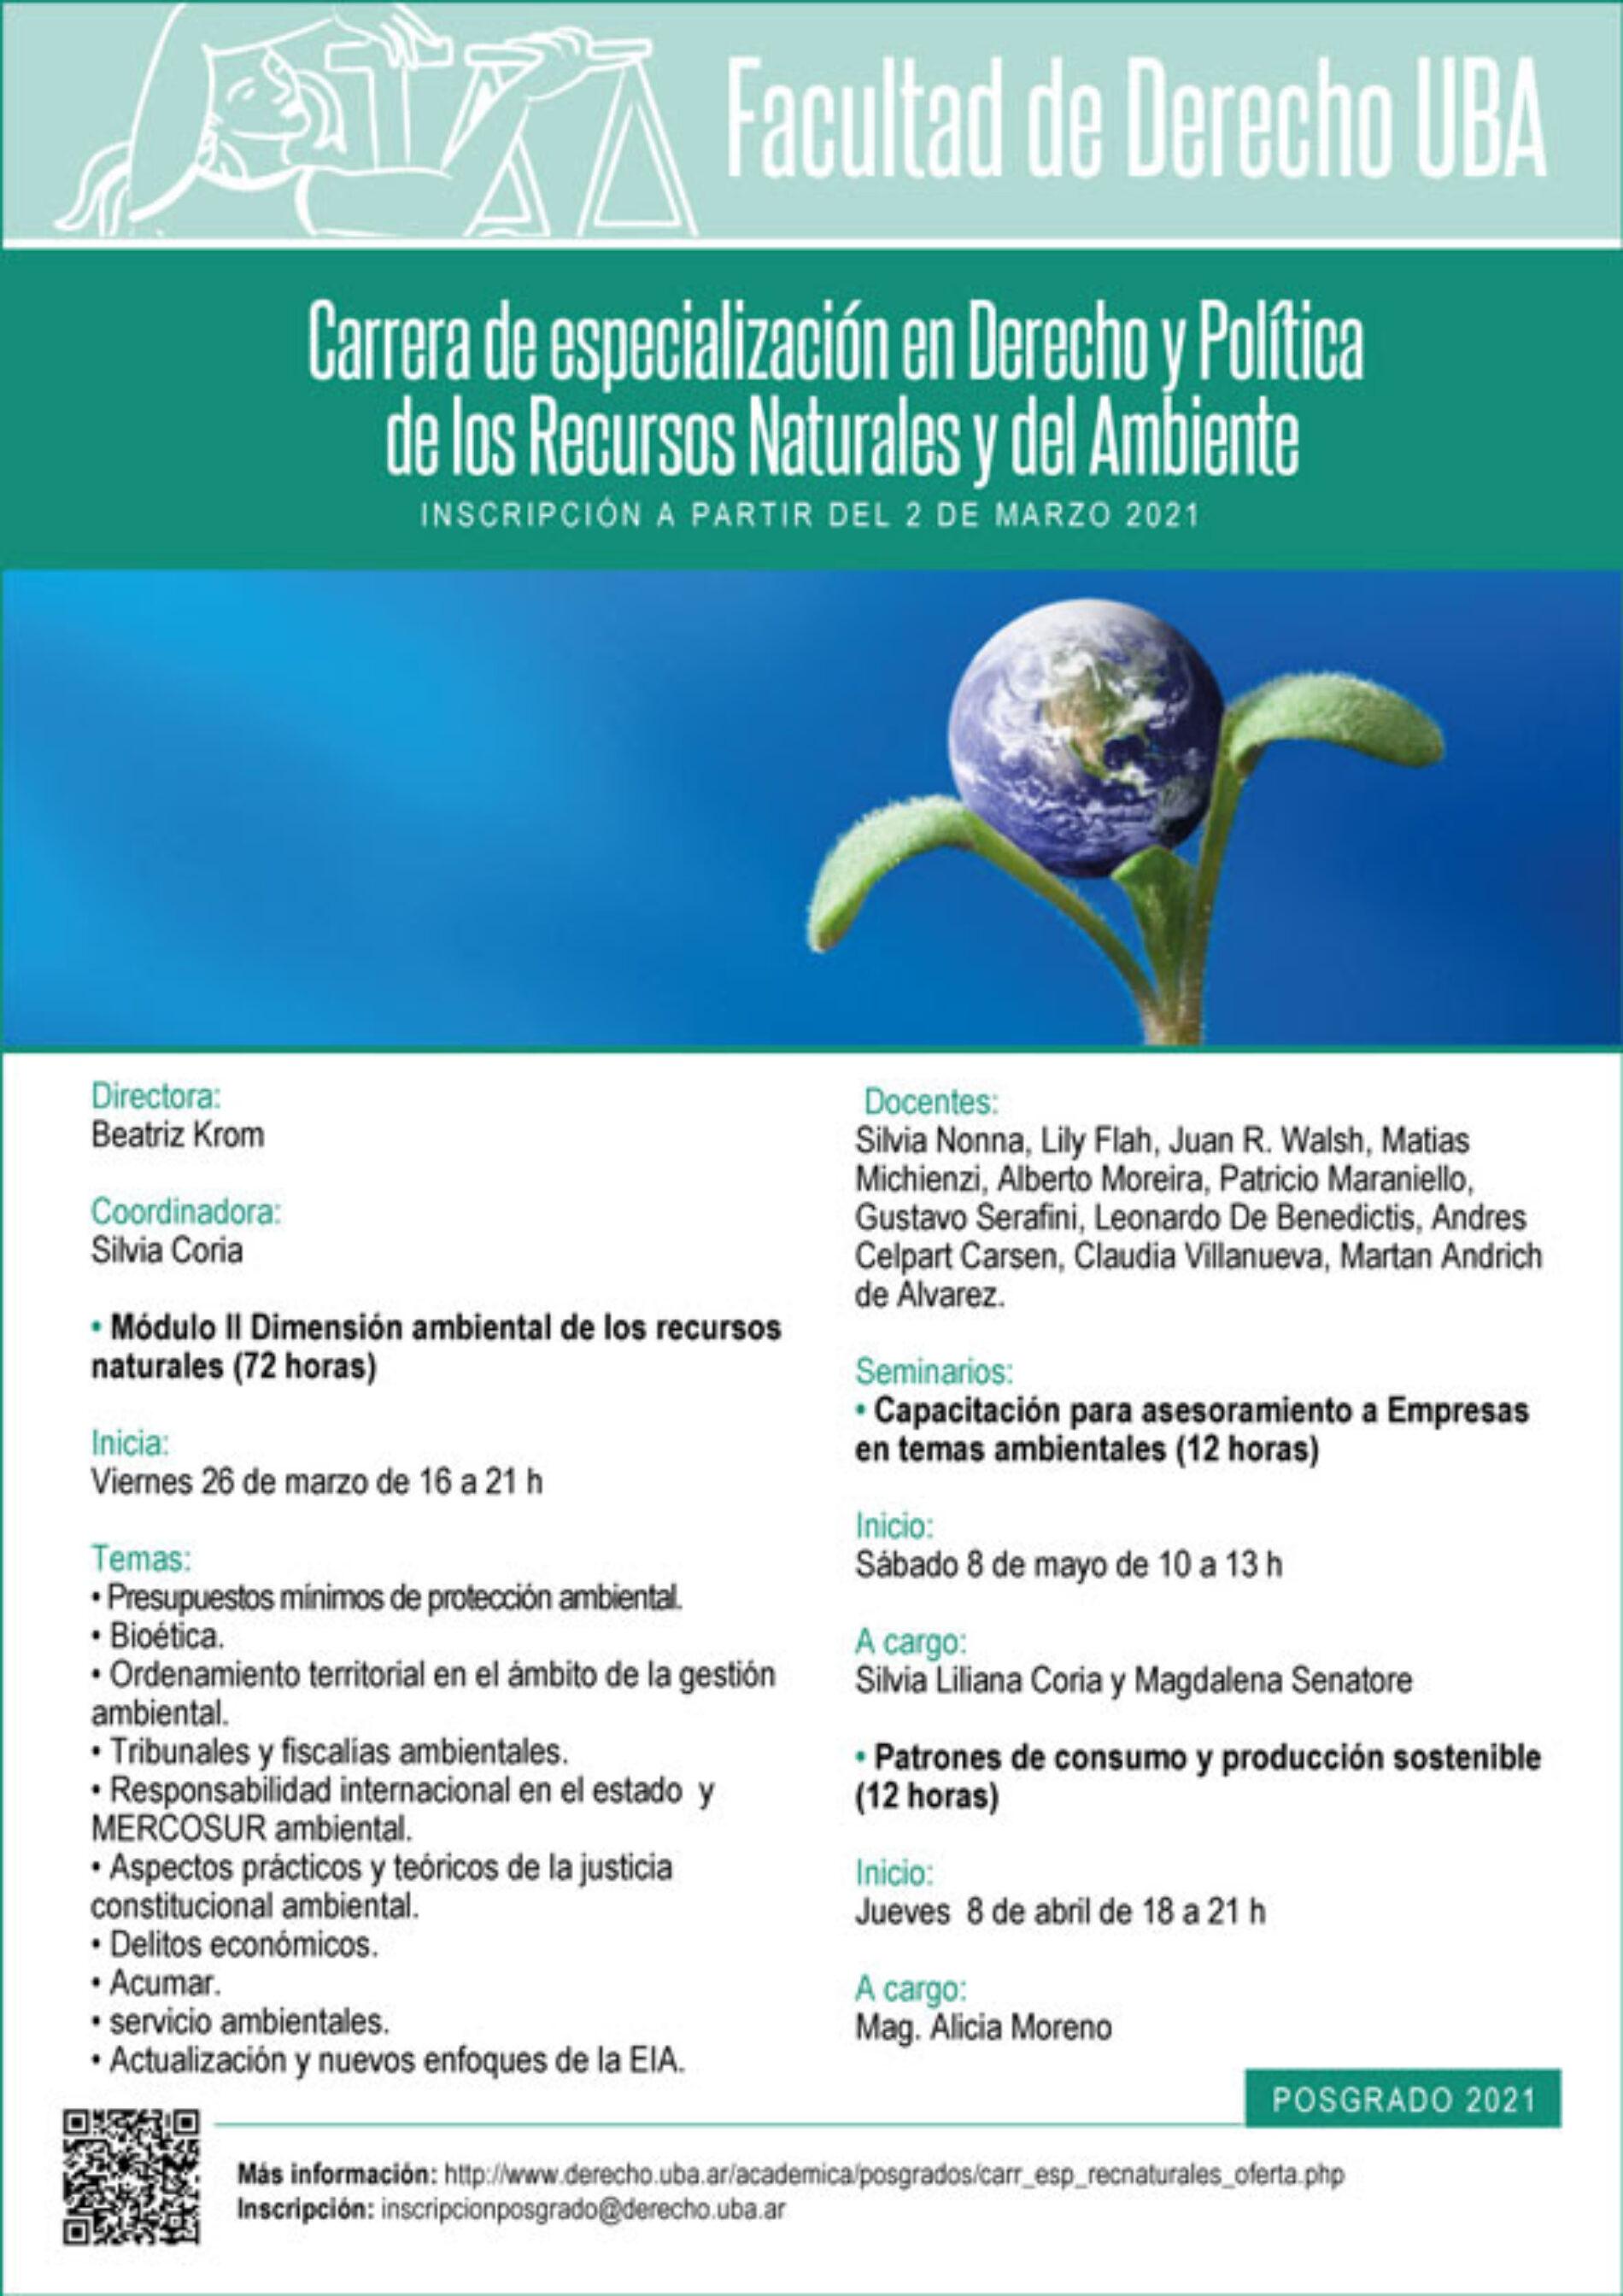 Carrera de especialización en Derecho y Política de los Recursos Naturales y del Ambiente.